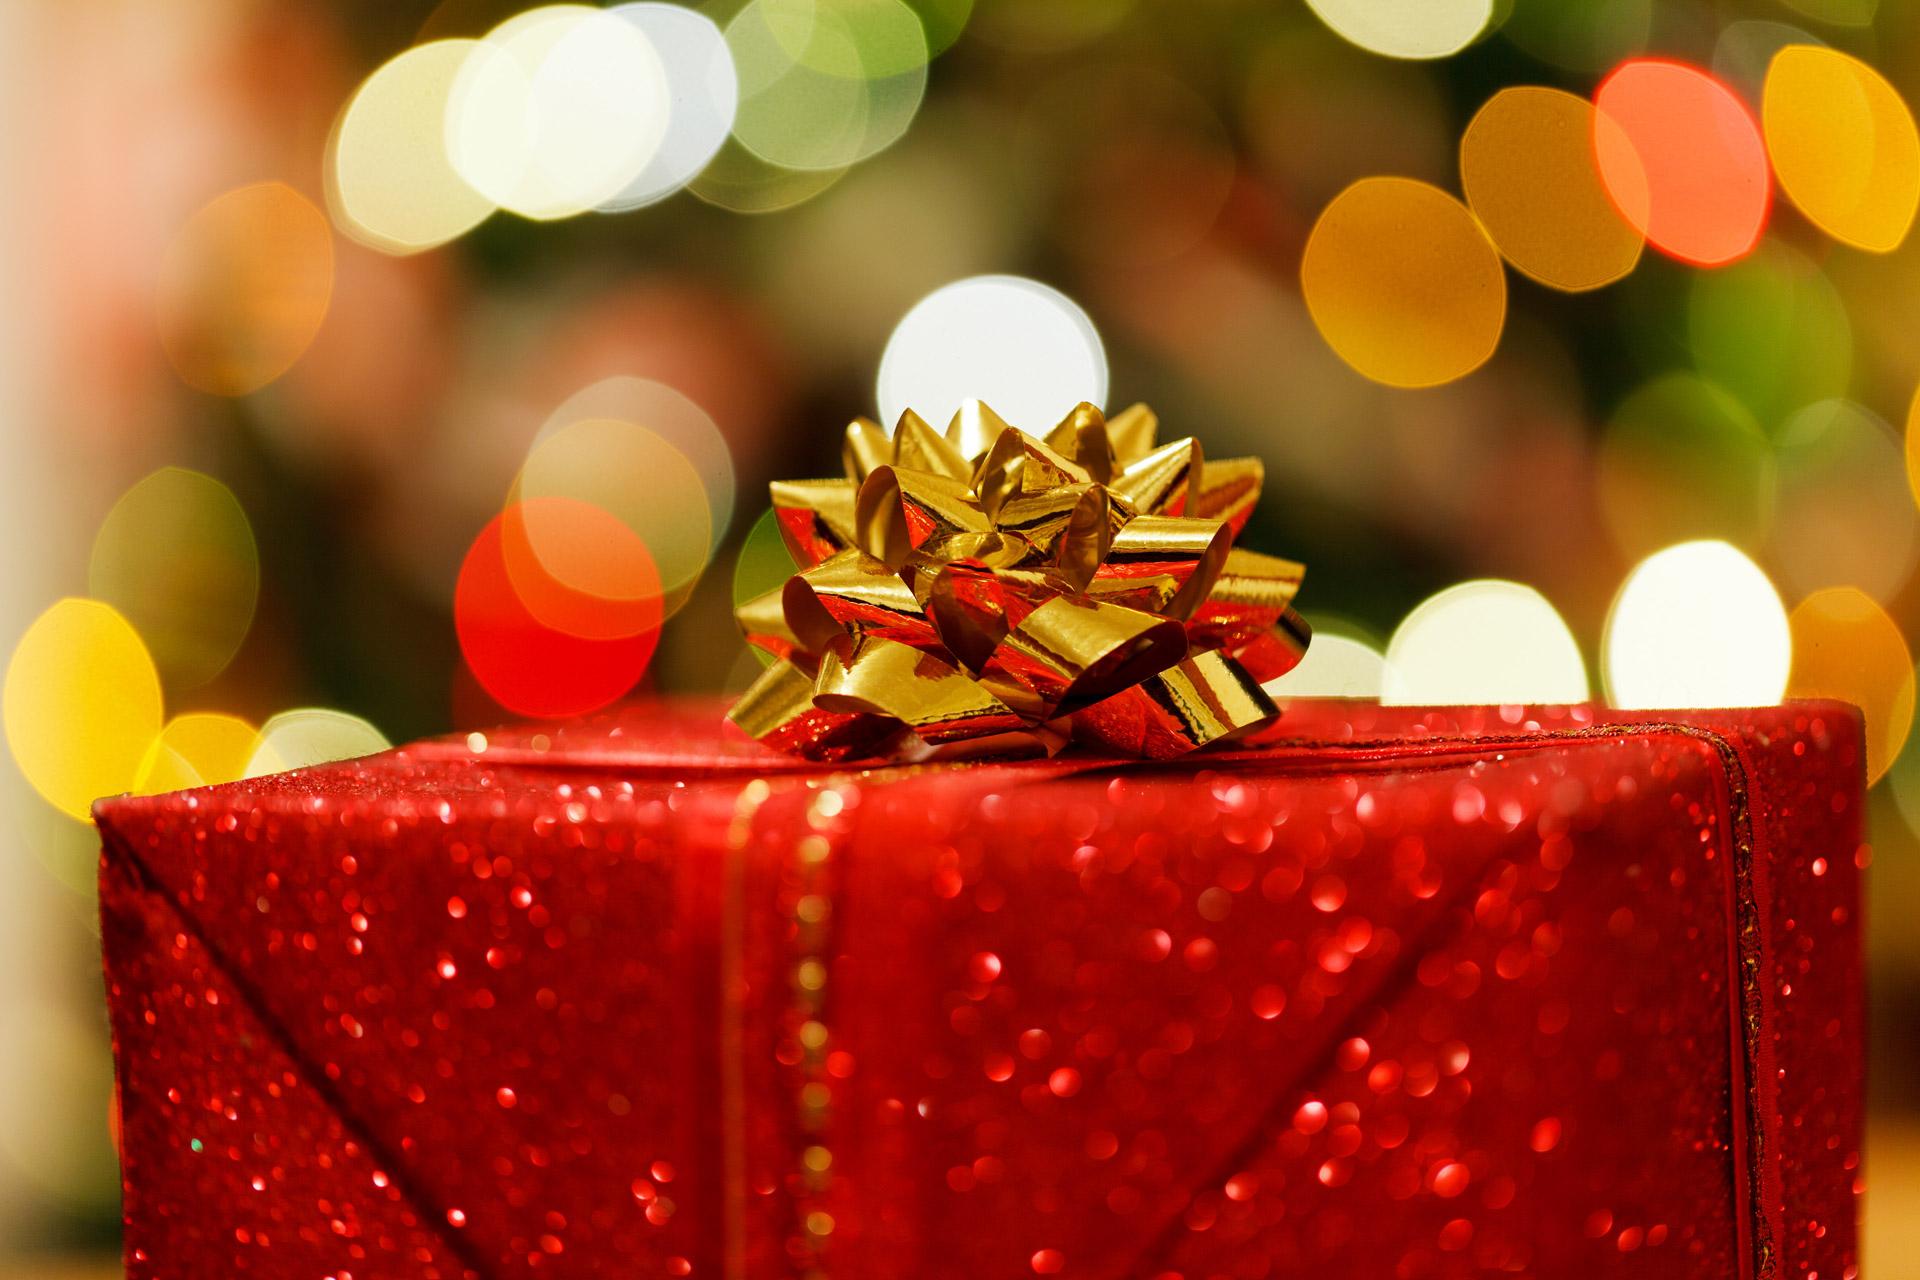 20 Cadeau Ideetjes Onder De 5 Euro Voor Sint Of Kerstdobbelspel